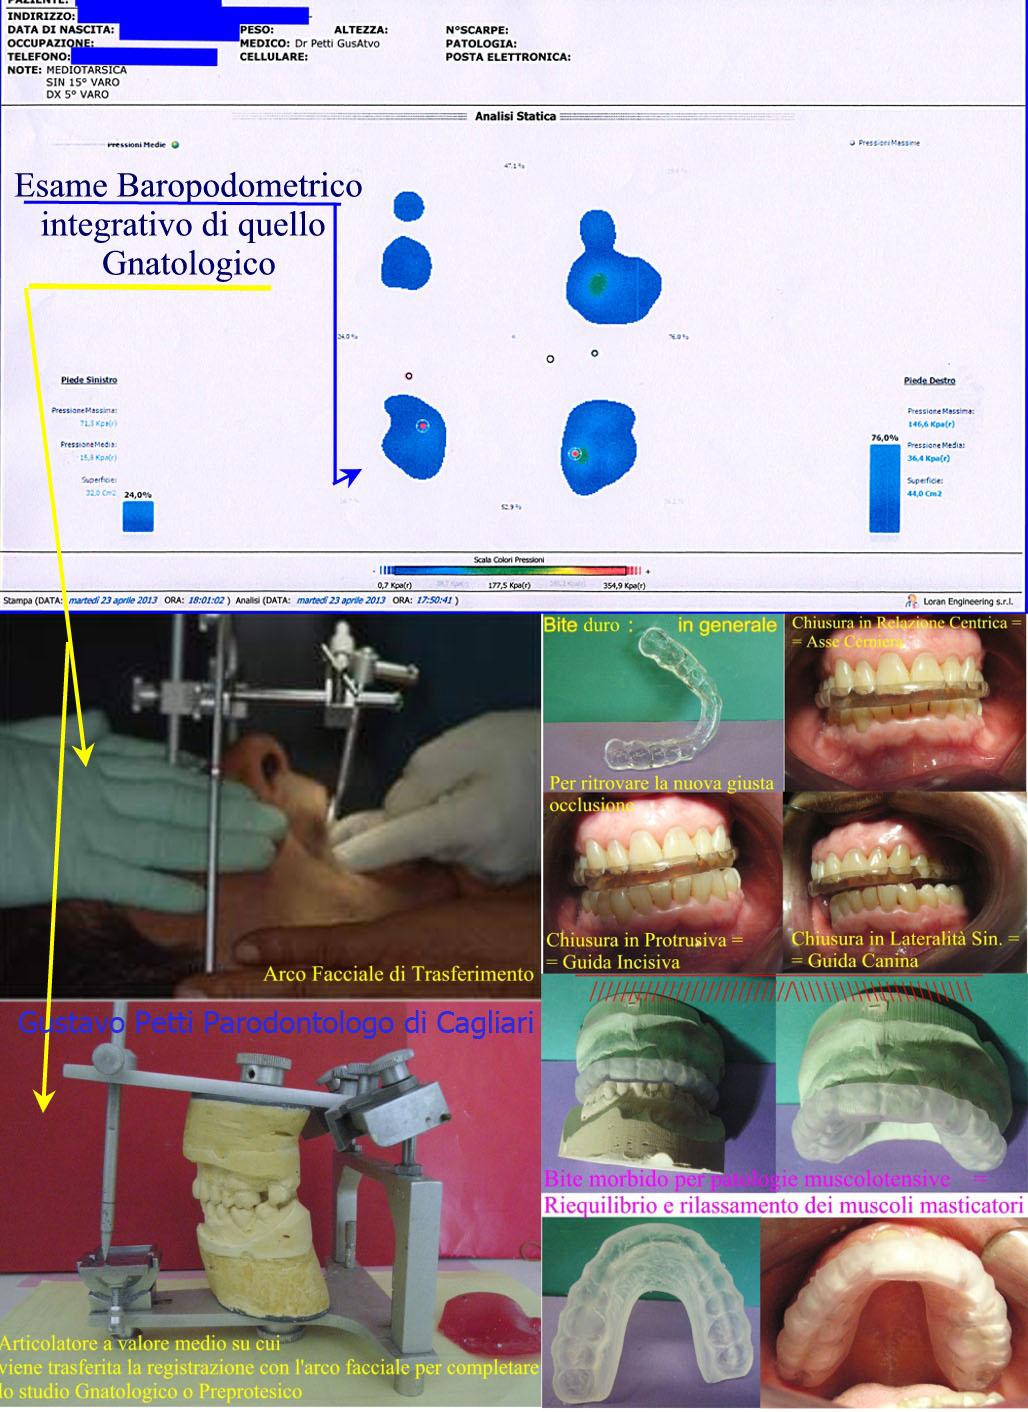 gnatologia-g.petti-cagliari-1.jpg